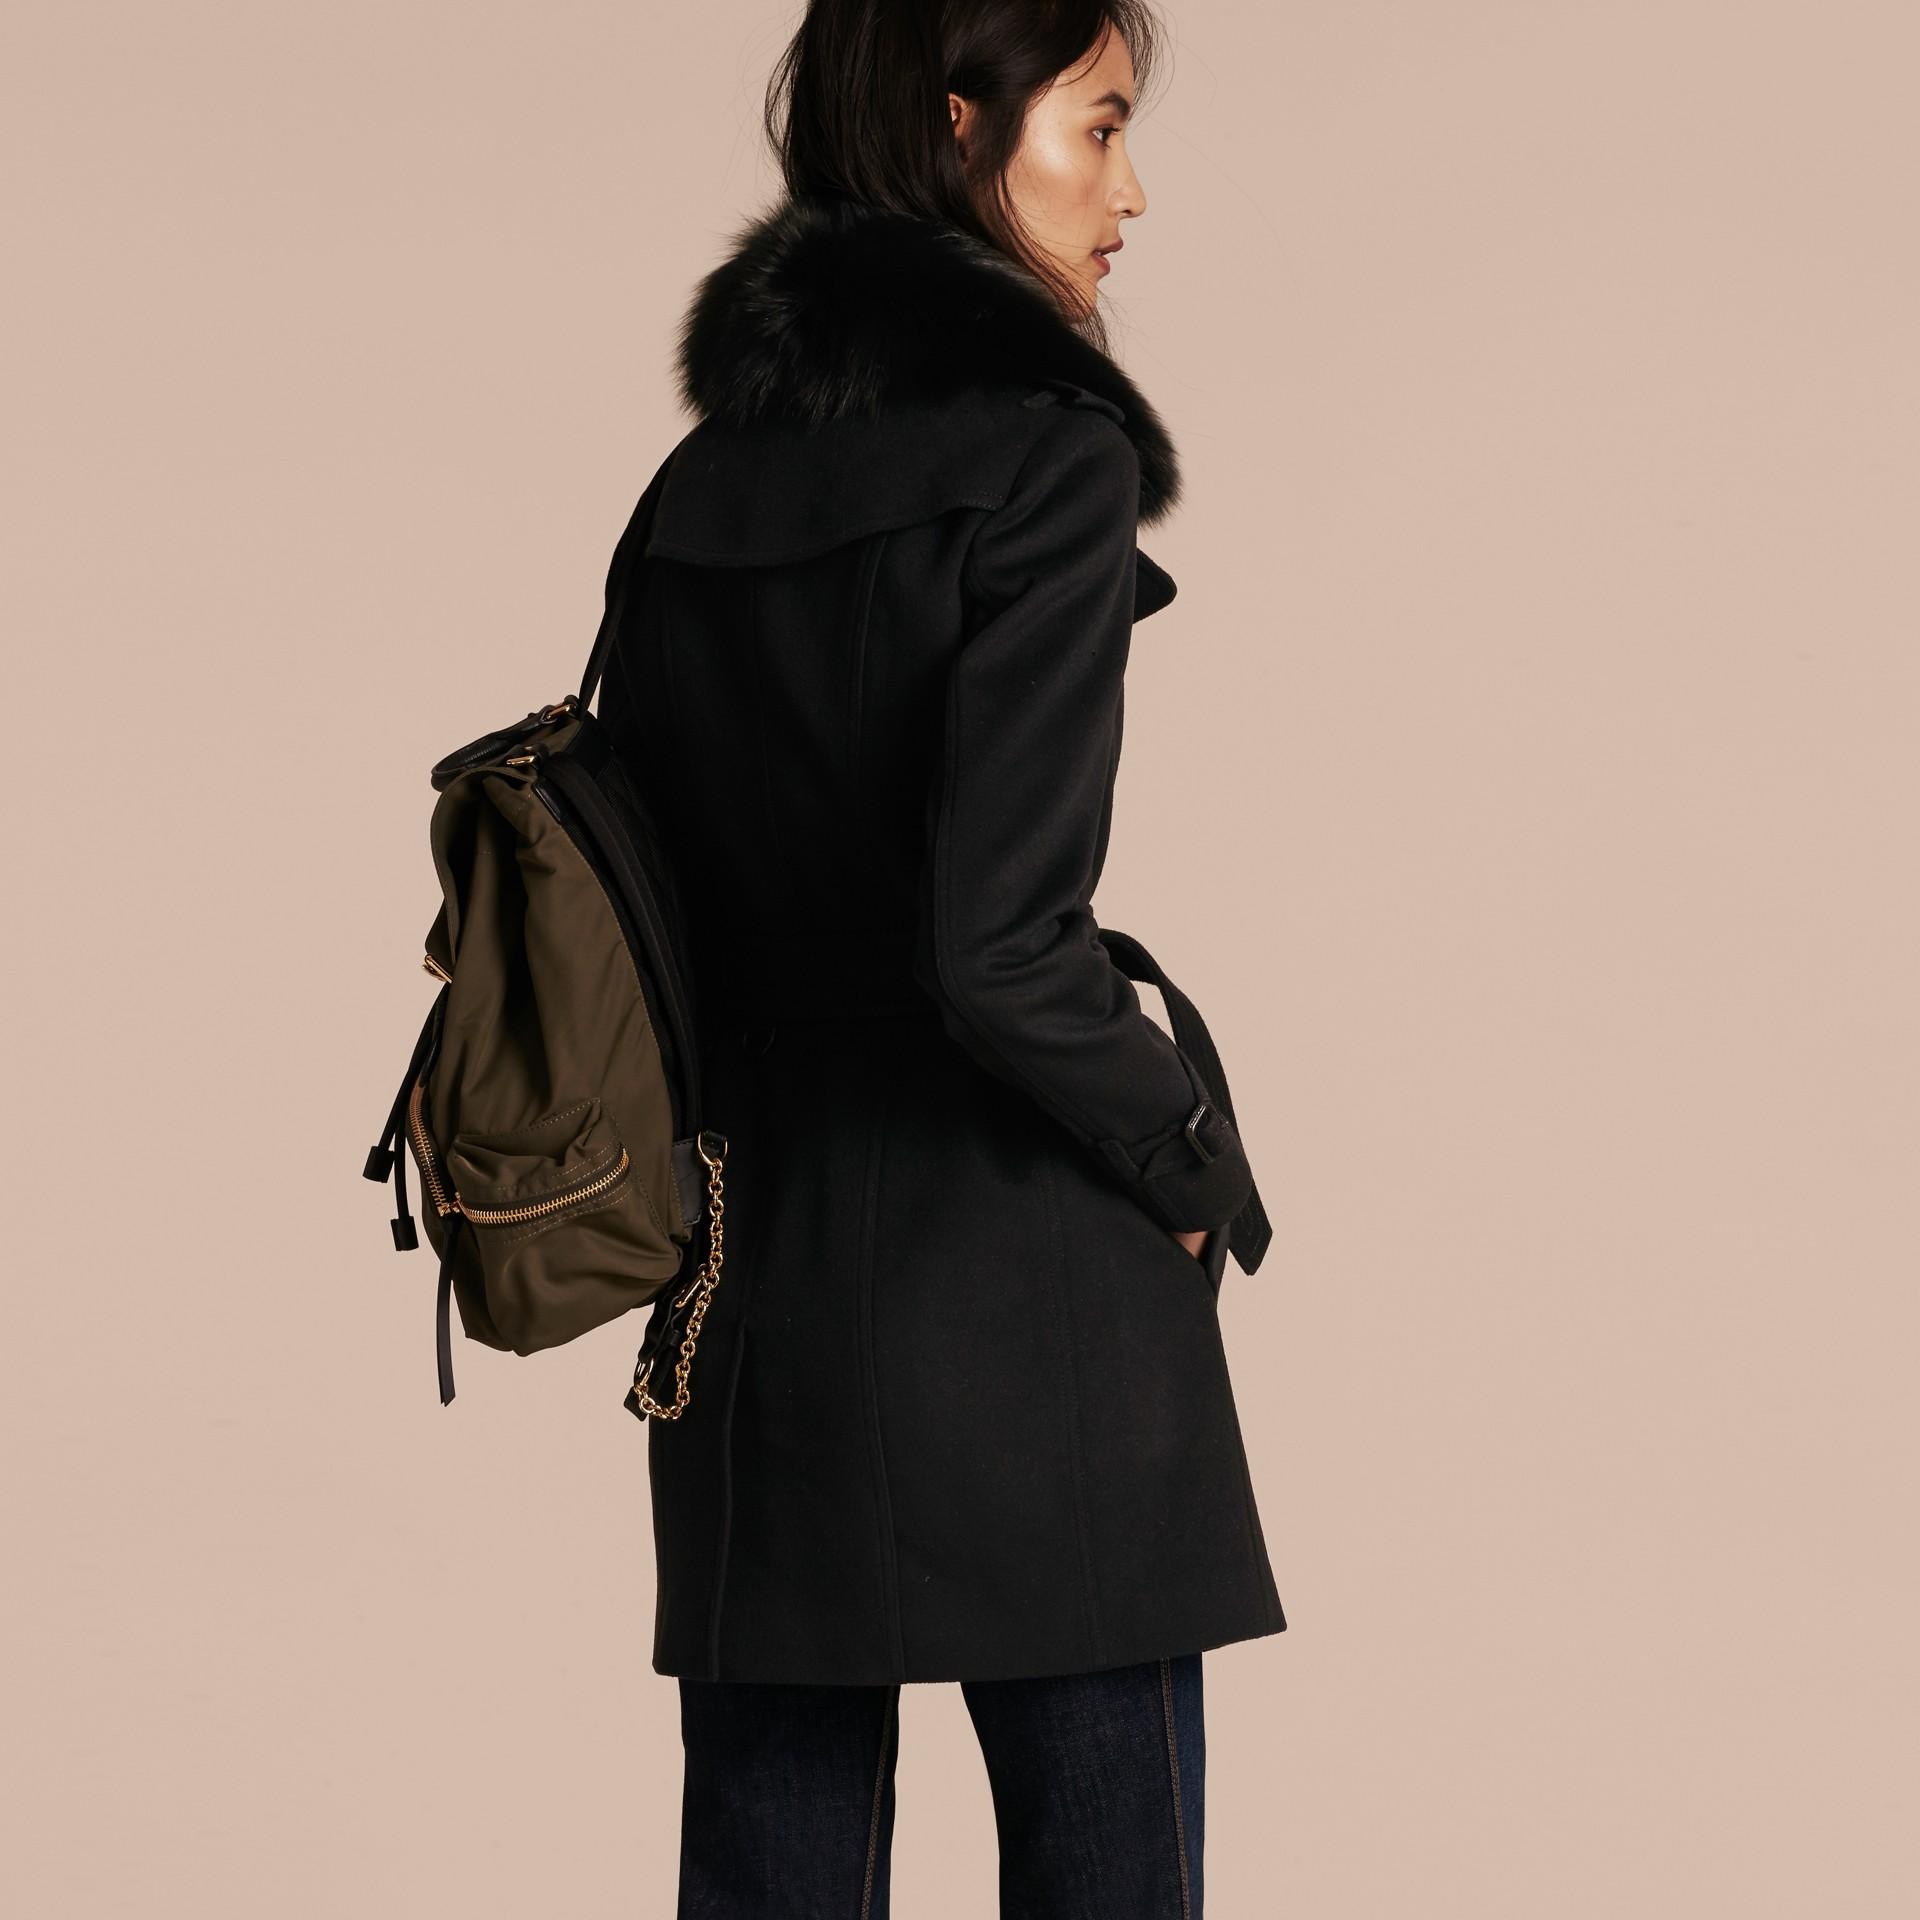 Nero Trench coat in lana e cashmere con collo in pelliccia di volpe Nero - immagine della galleria 3